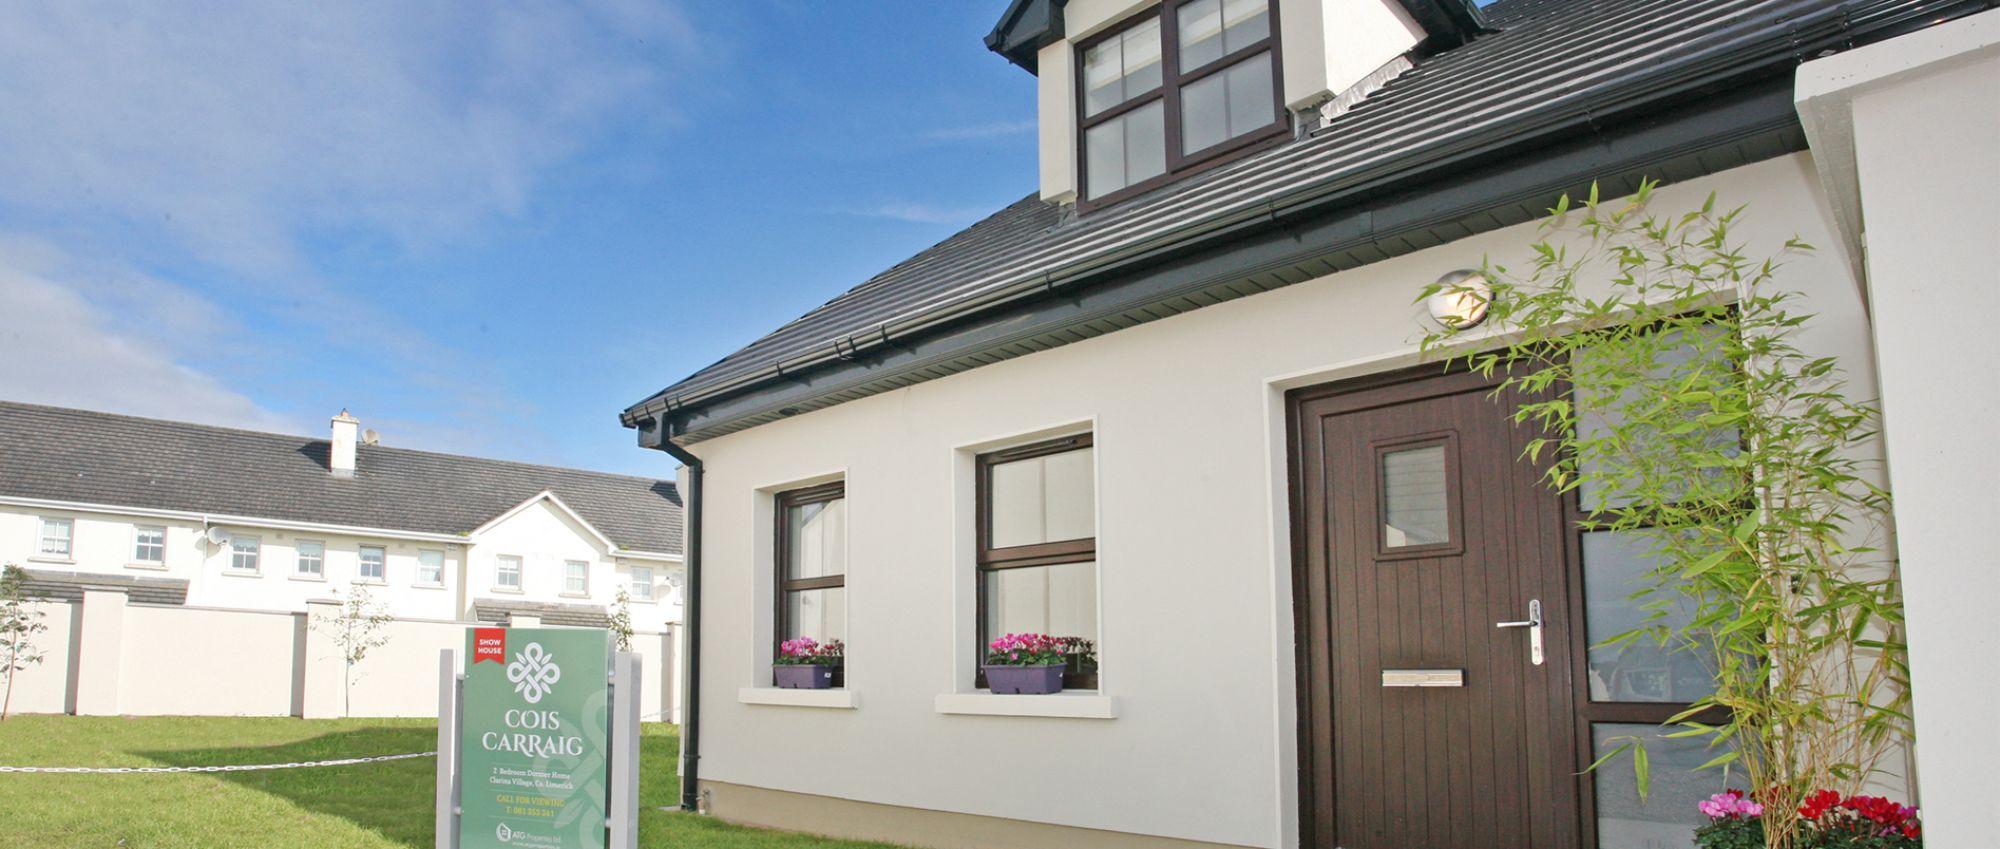 Cois Carriage Retirement Village Limerick